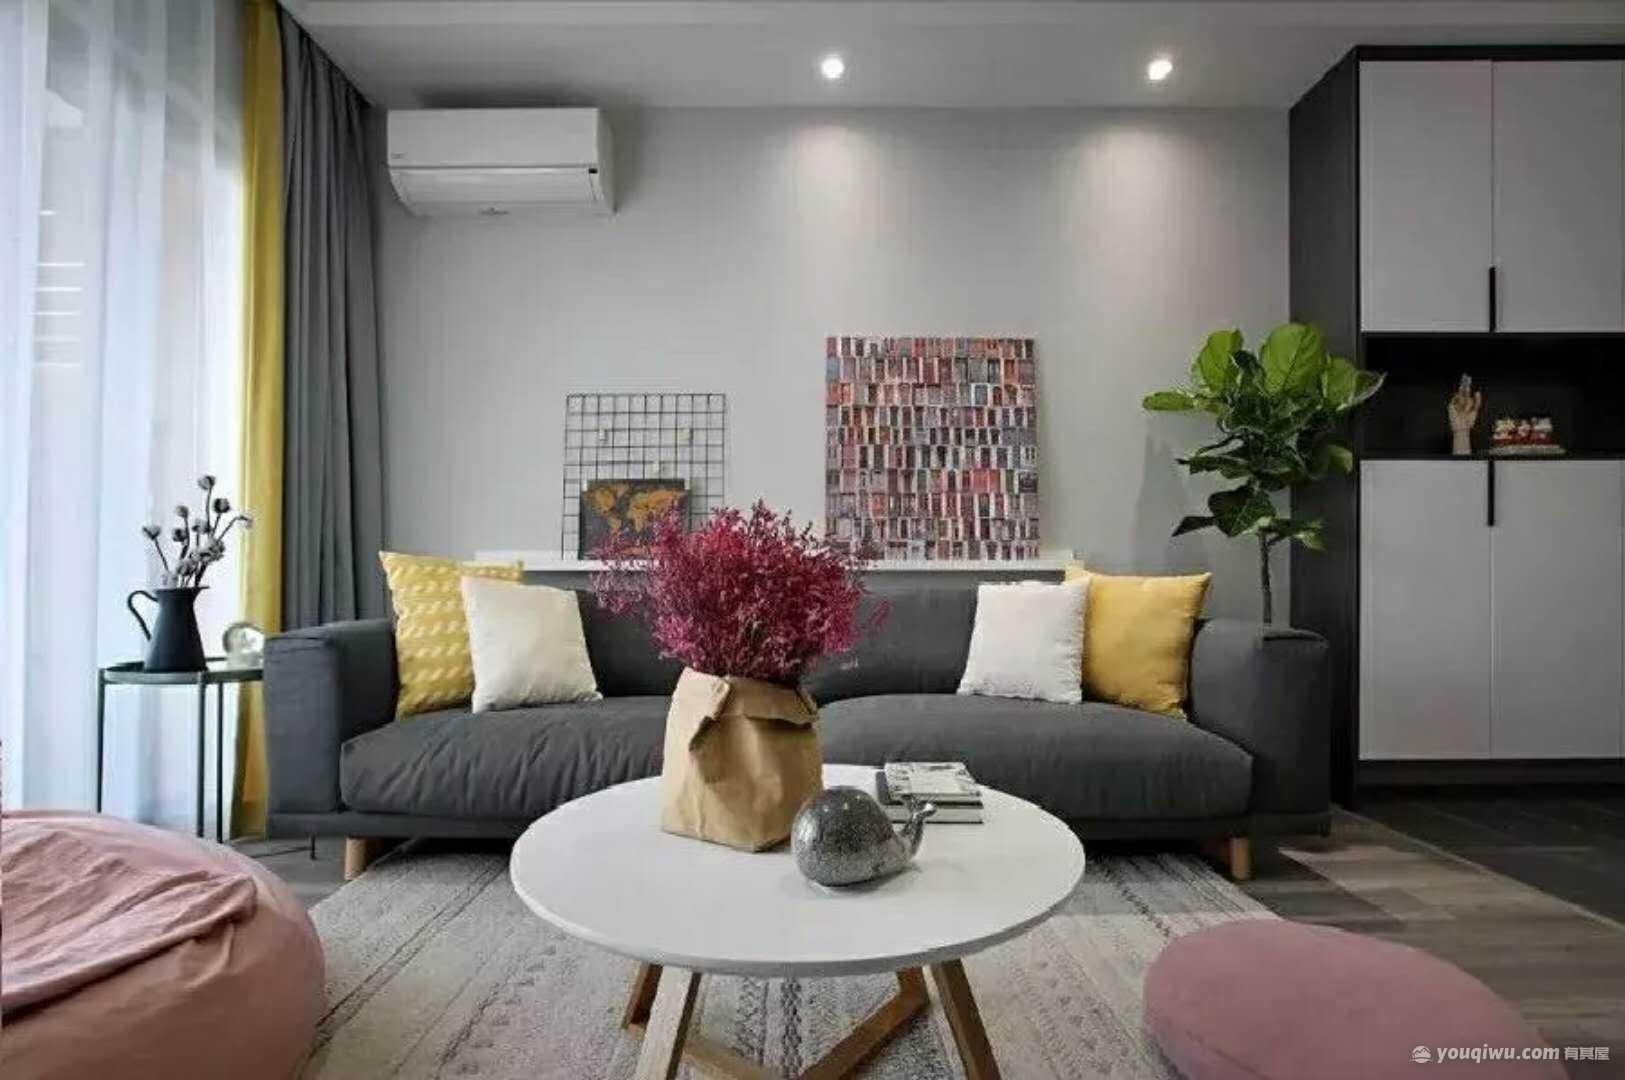 89平方米现代简约风格装修效果图—景盛装饰